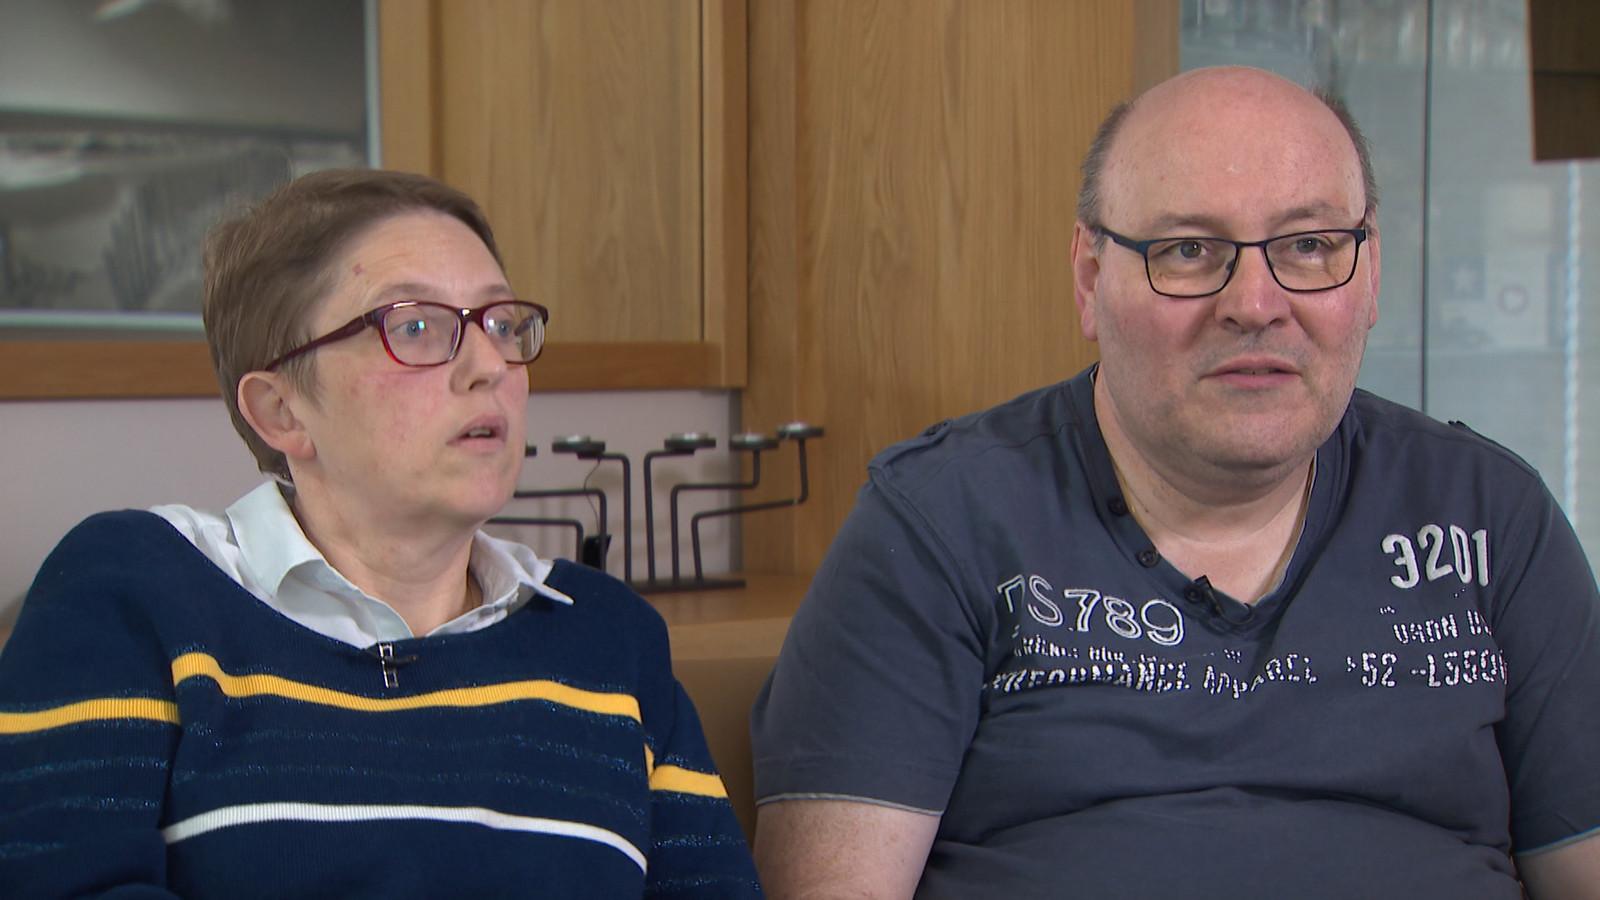 De ouders van het meisje zijn ontredderd: hun dochter heeft dringend hulp nodig, maar kan nergens terecht.